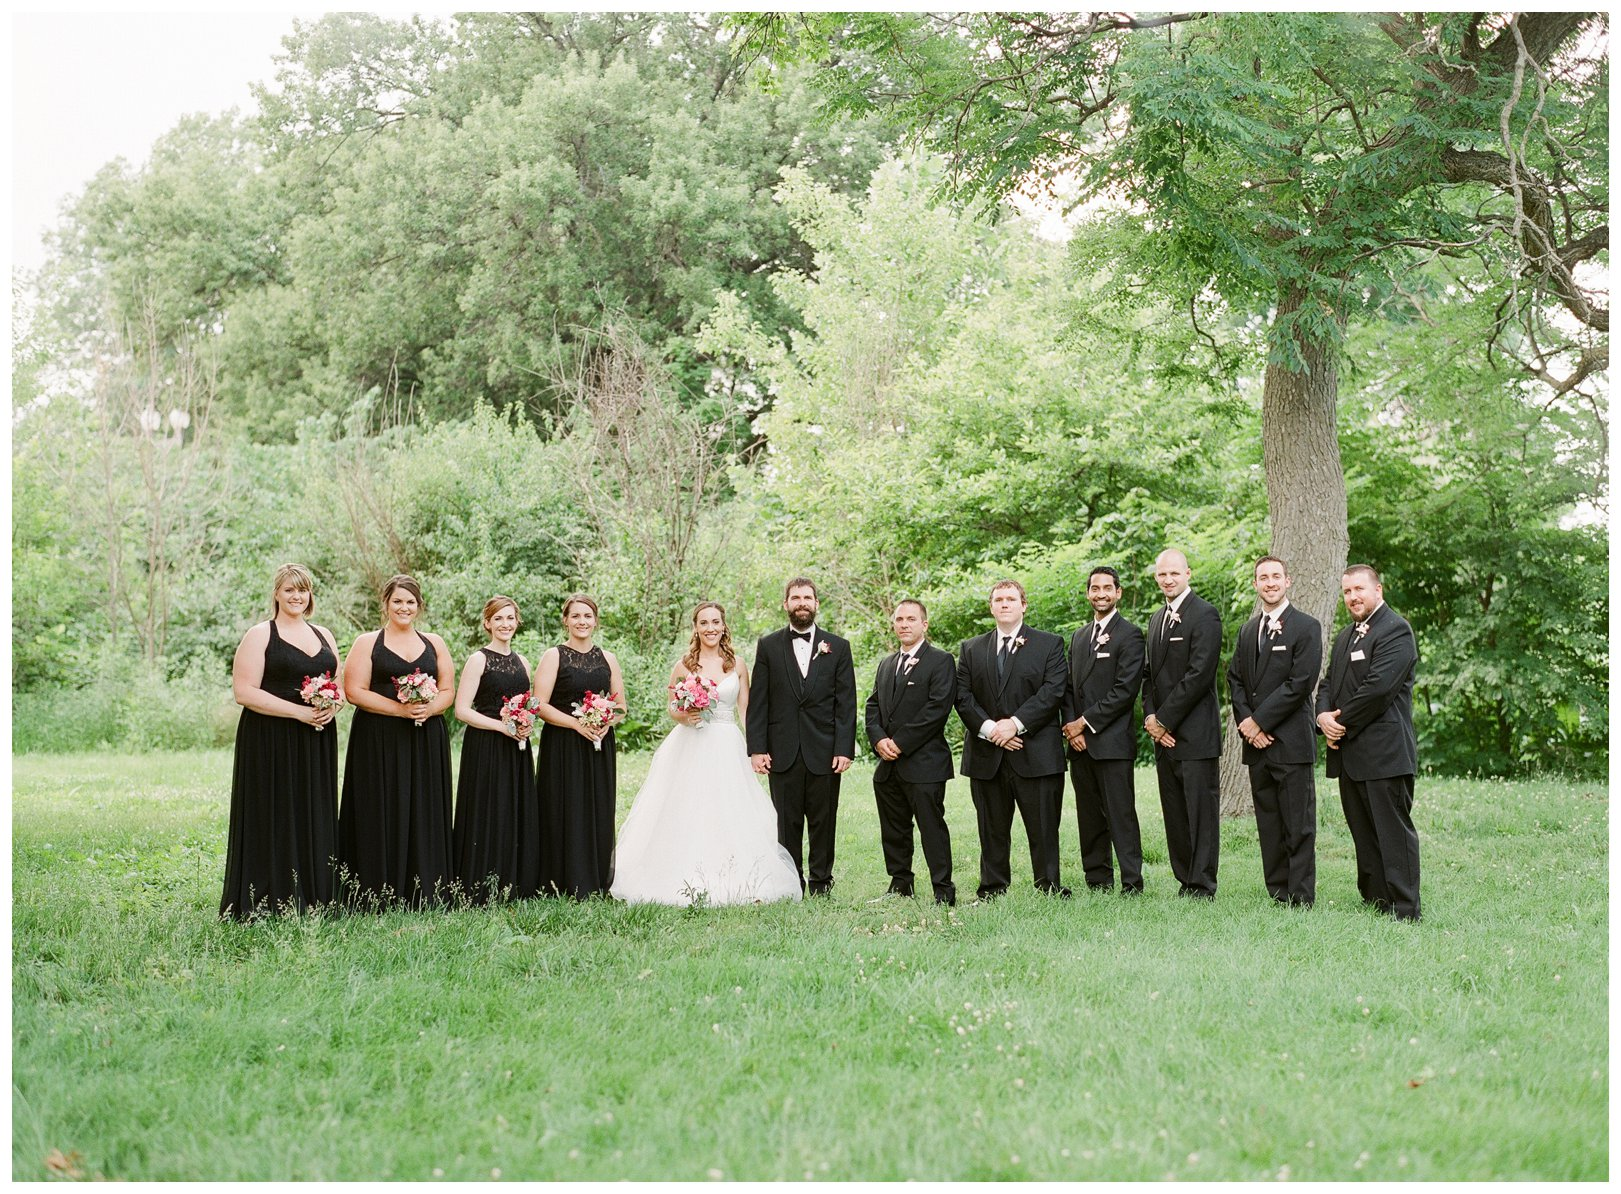 lauren muckler photography_fine art film wedding photography_st louis_photography_1099.jpg